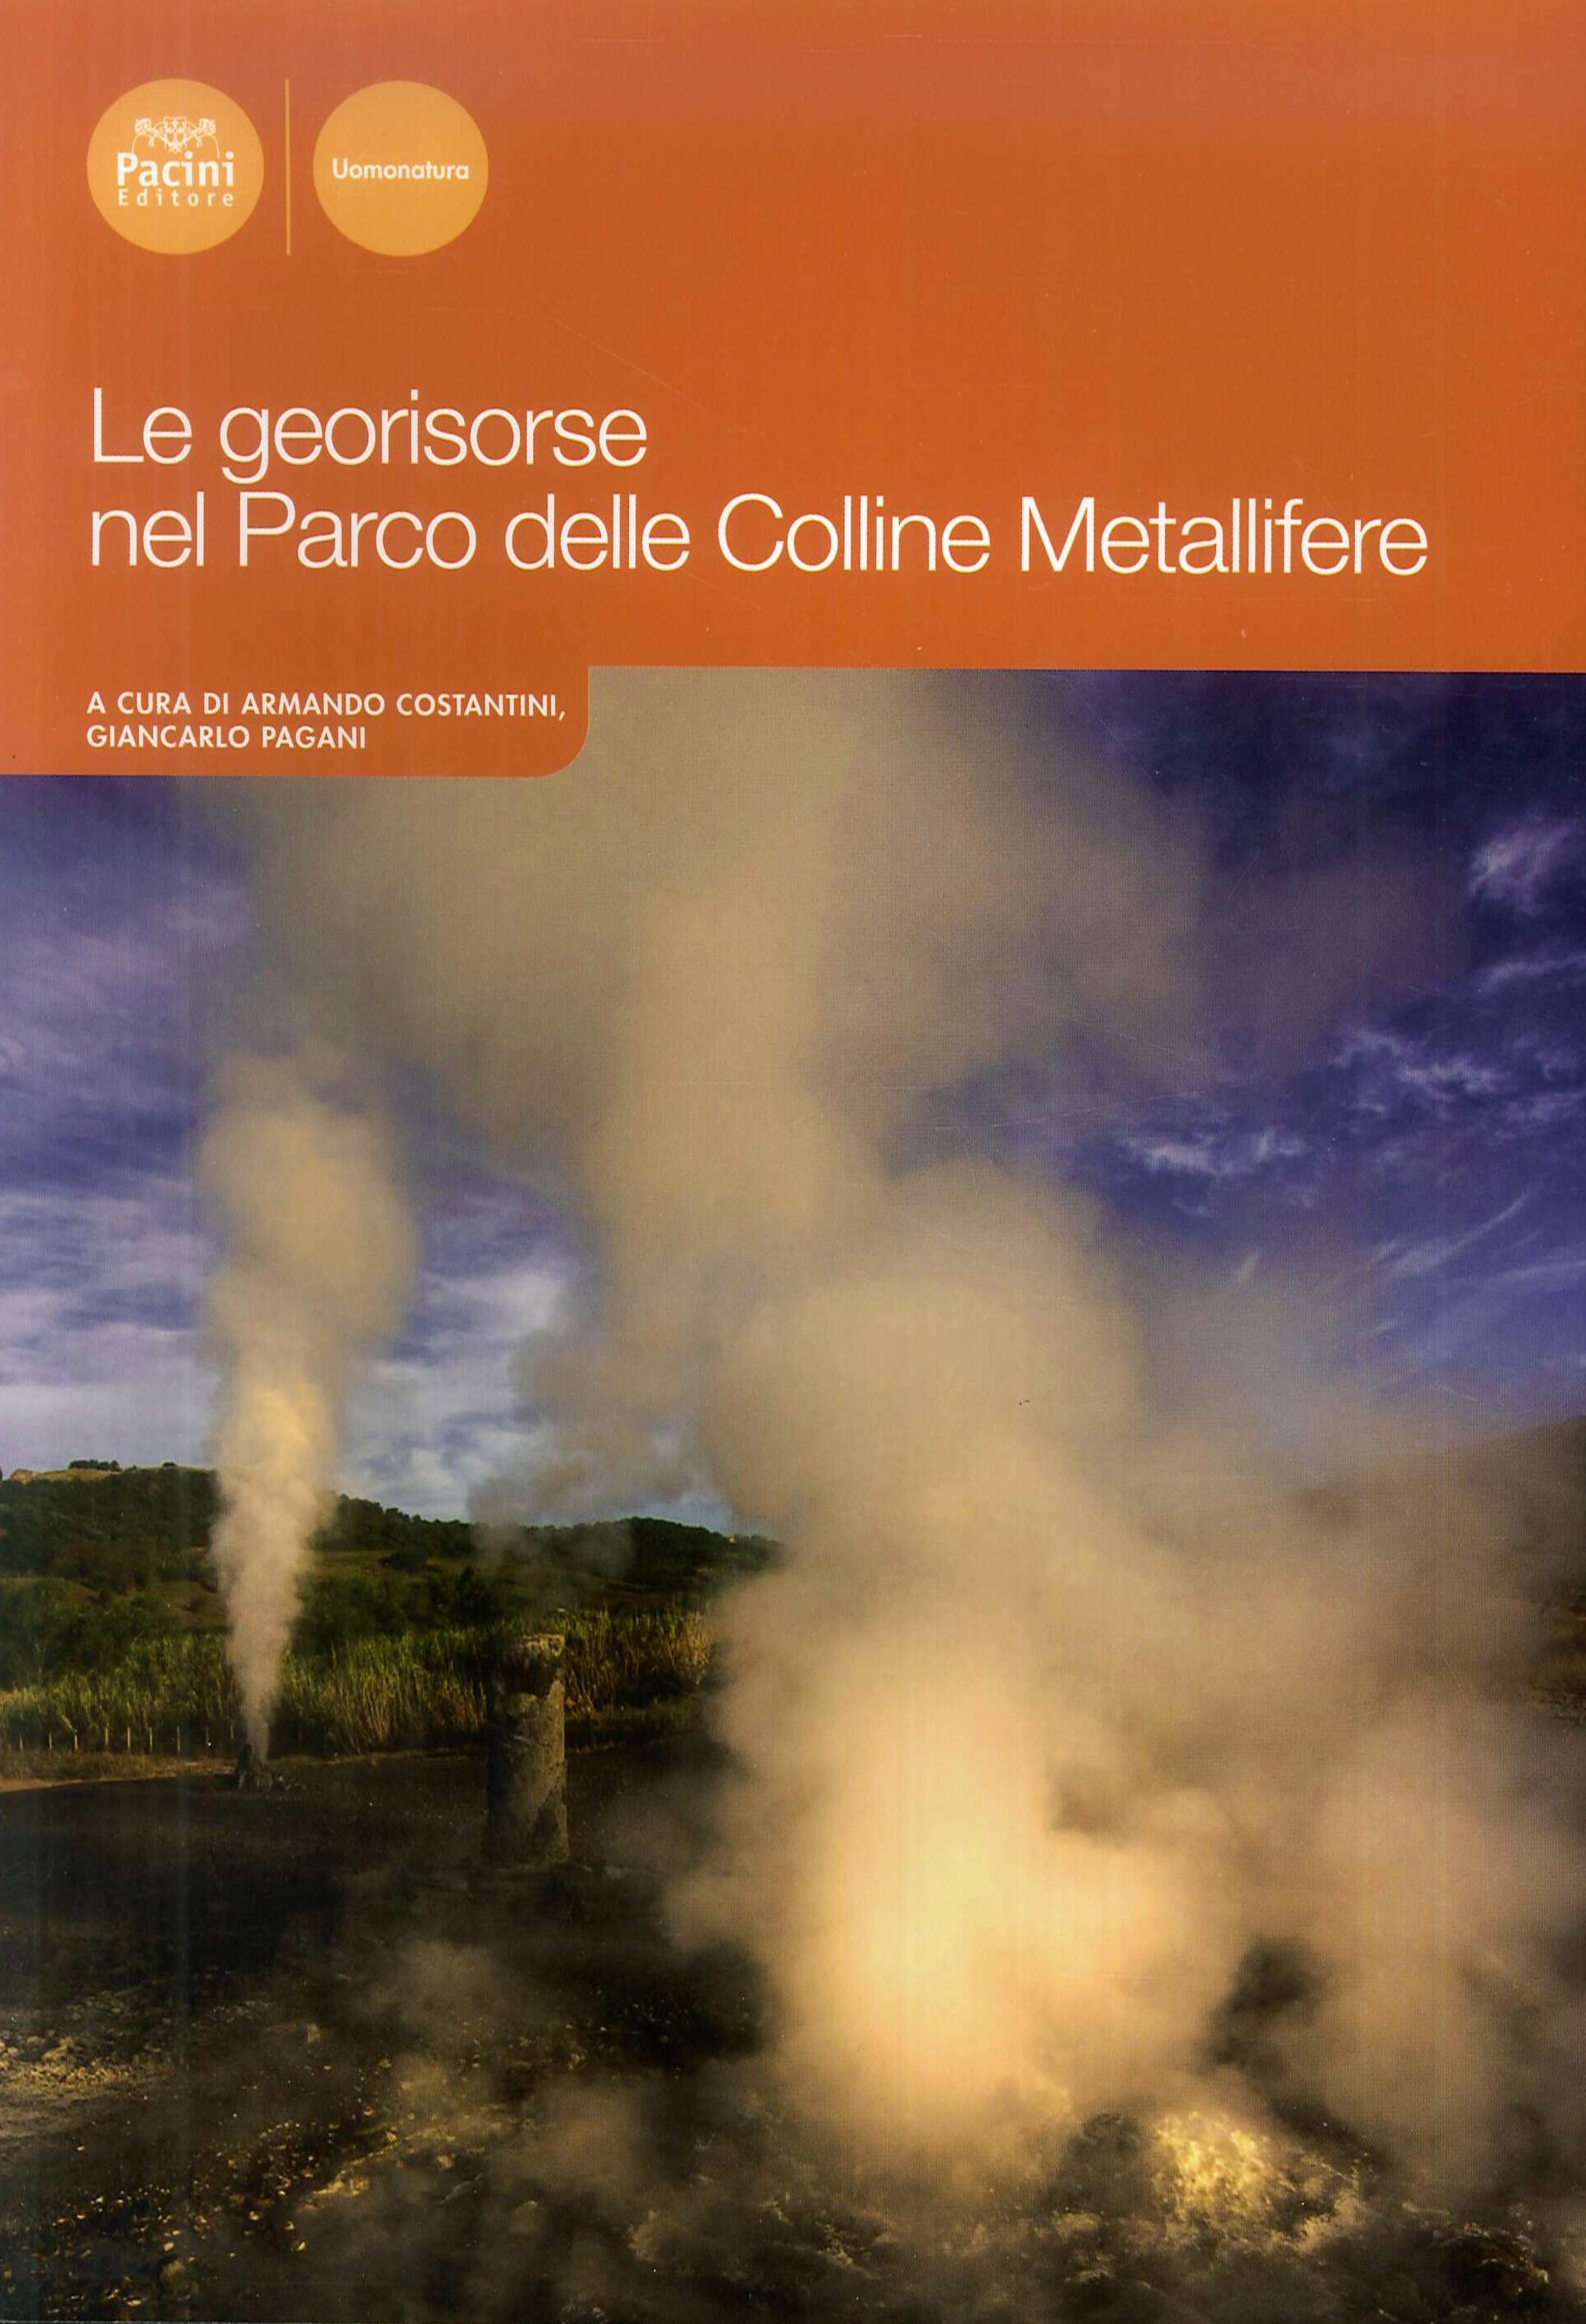 Minerali e georisorse nel Parco delle colline metallifere